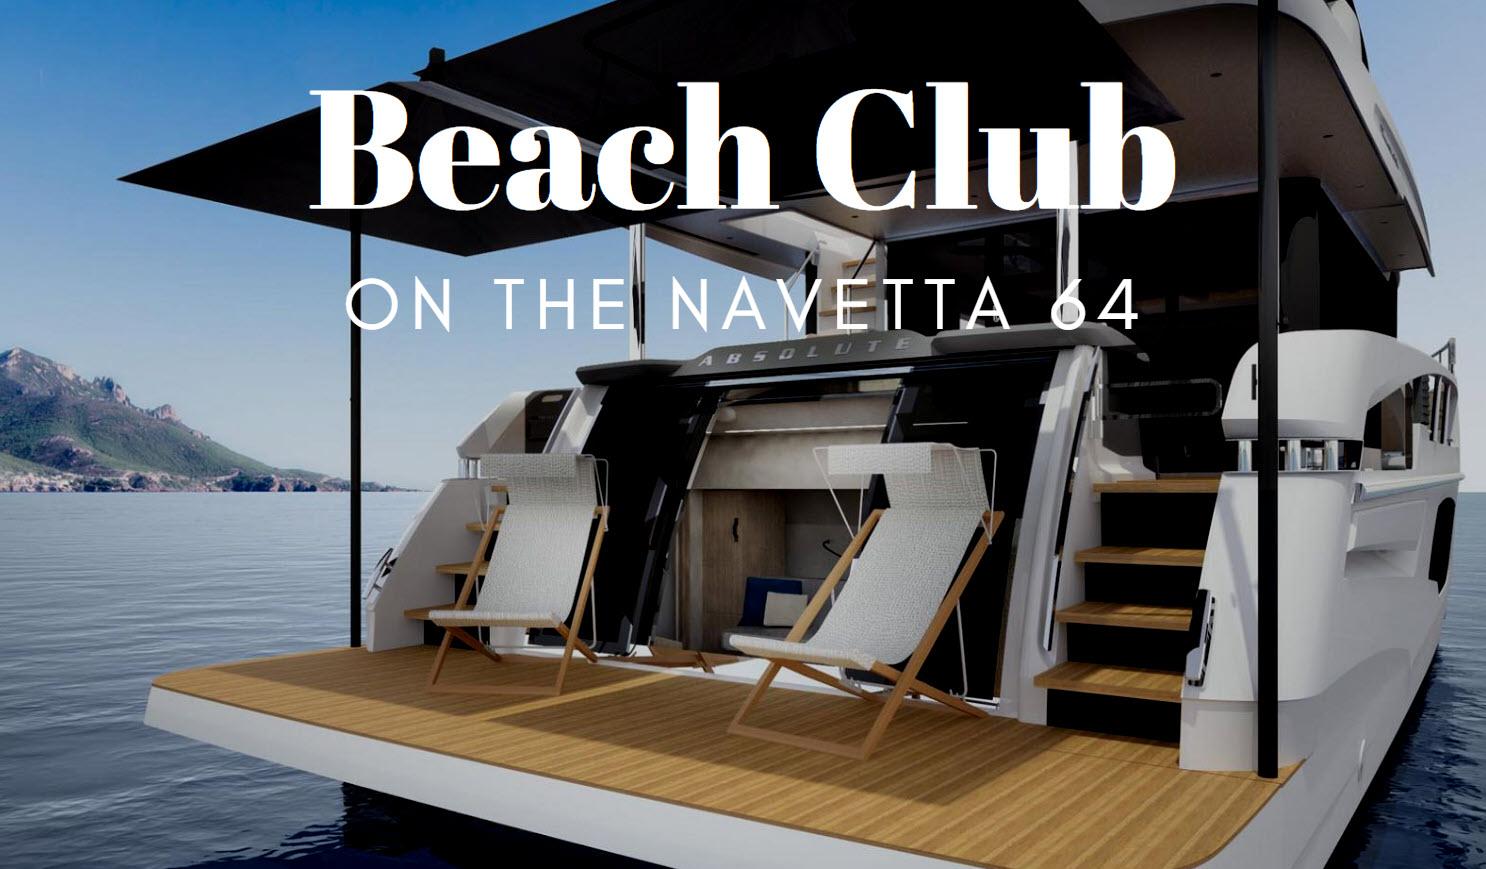 absolute navetta 64 beach club